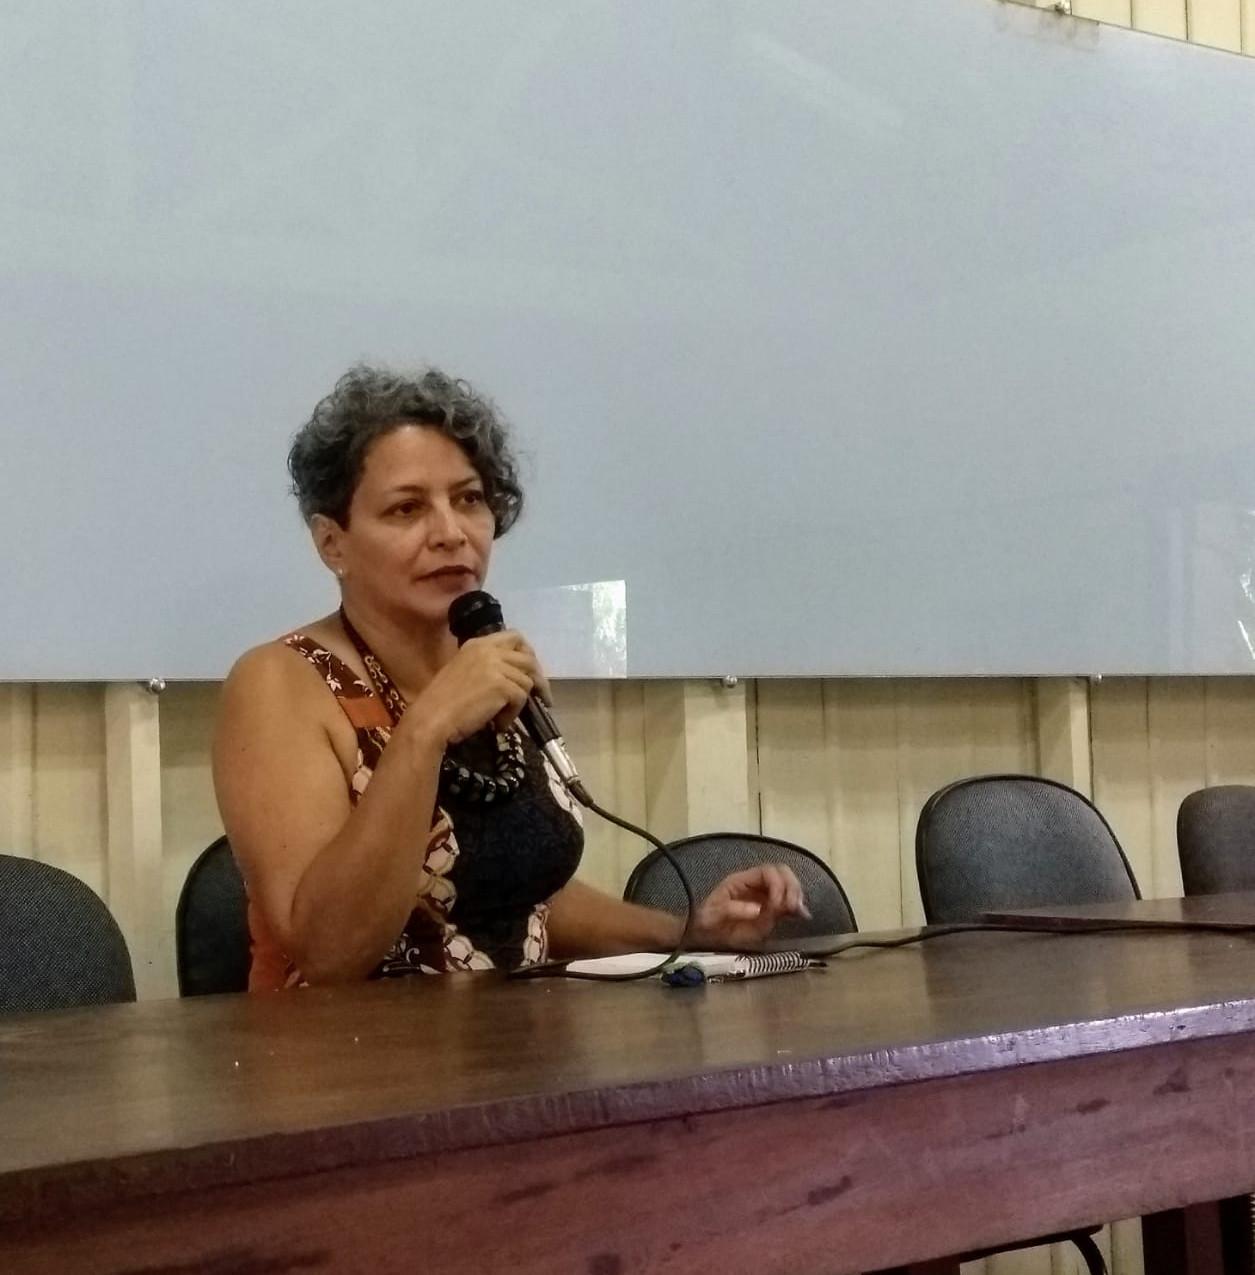 Professora Denise Cardoso, antropóloga e especialista em comunidades indígenas e quilombolas, do Instituto de Filosofia e Ciências Humanas (IFCH) da UFPA